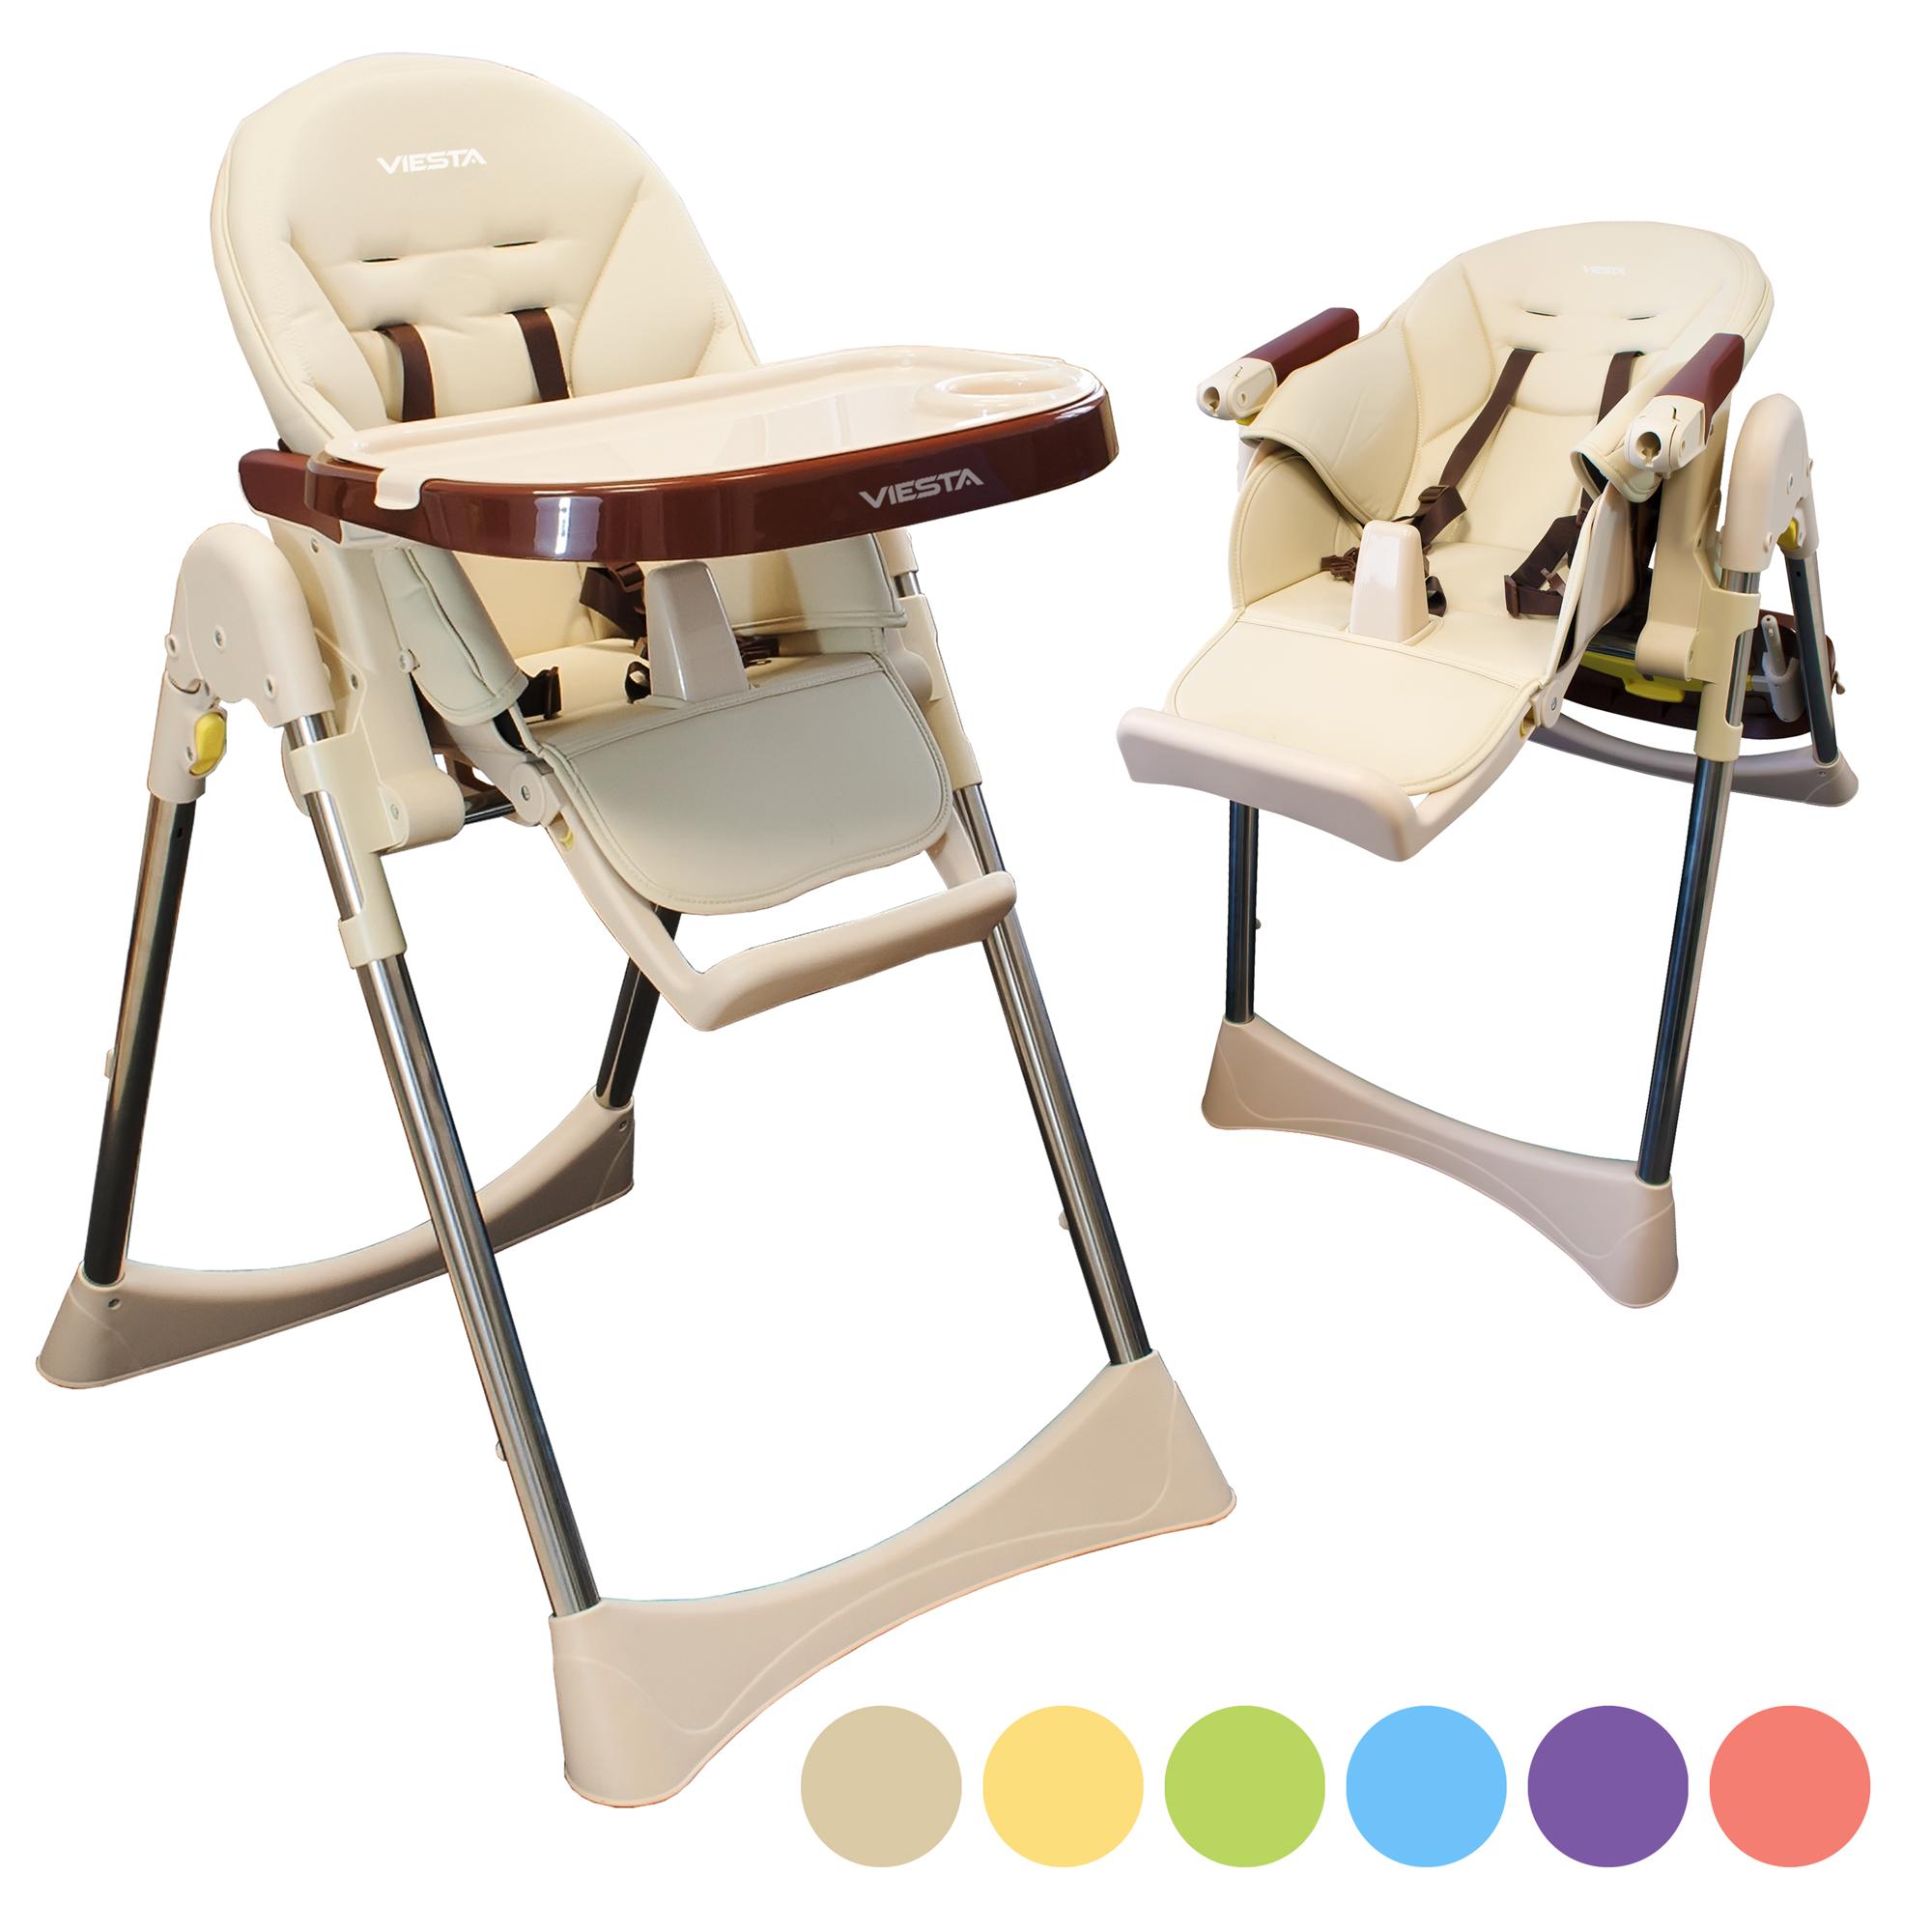 viesta kinderhochstuhl mit baby liegefunktion hochstuhl klappbar spielbogen ebay. Black Bedroom Furniture Sets. Home Design Ideas